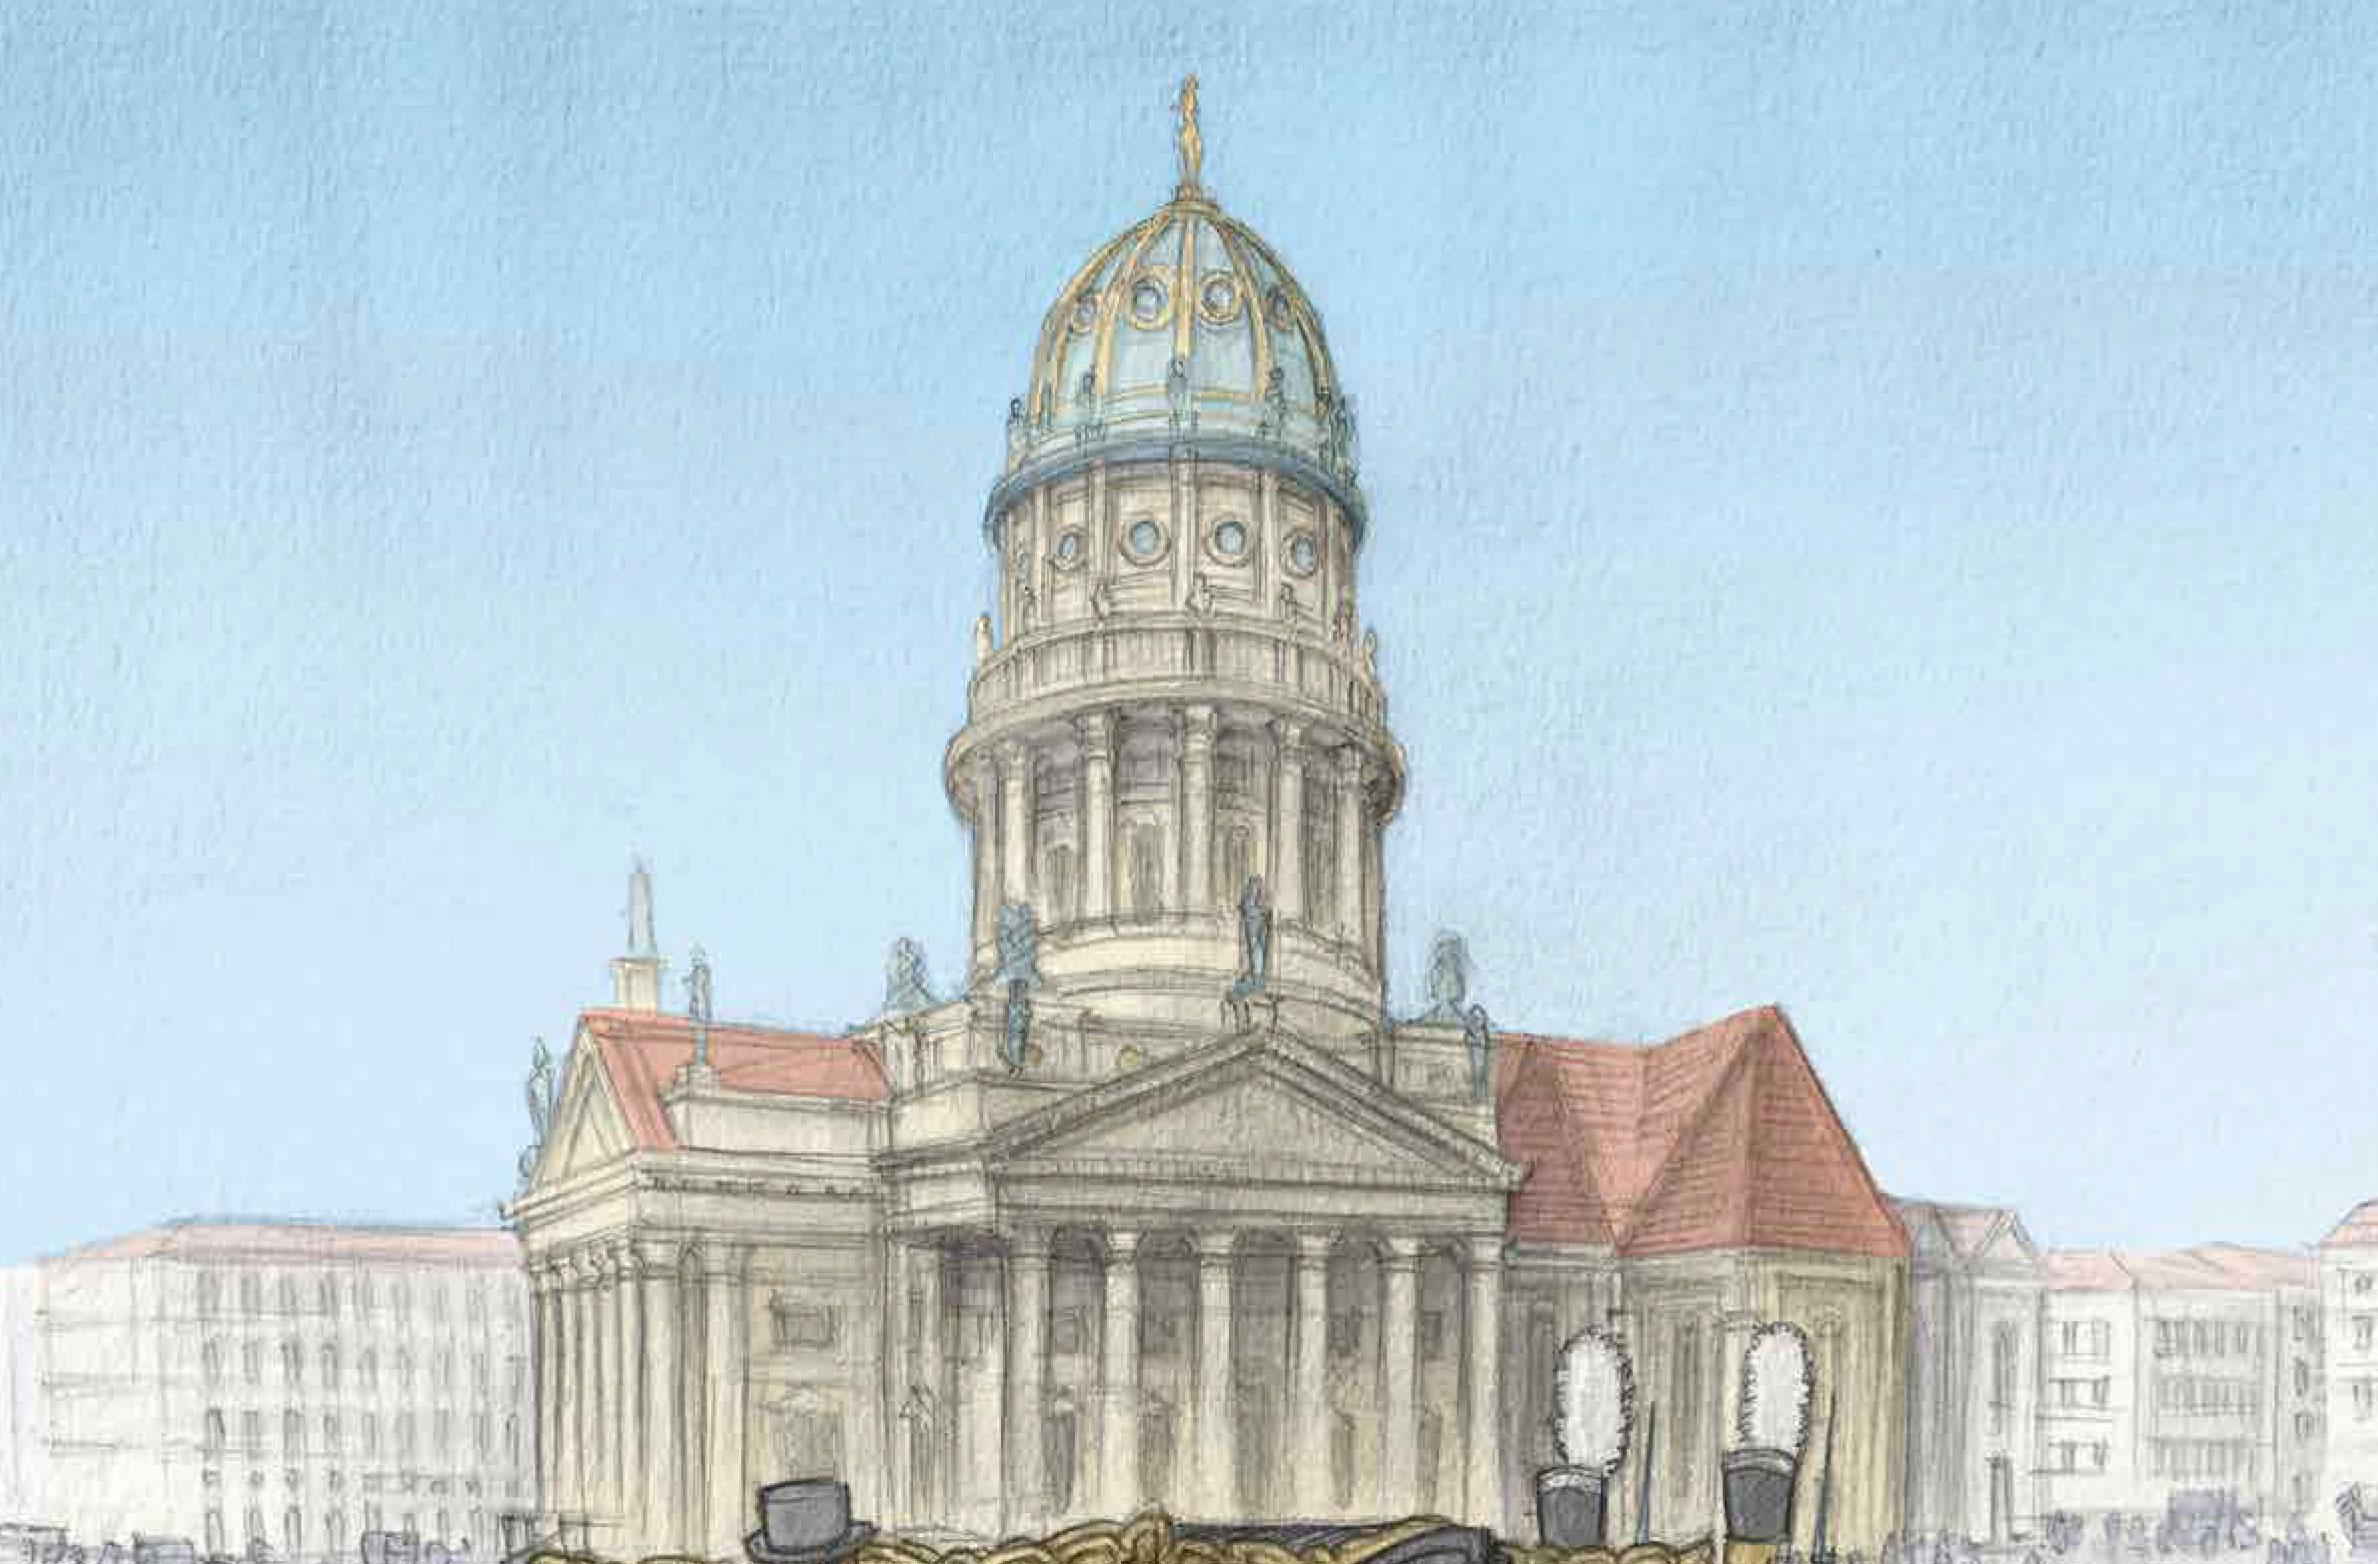 200 Jahre Konzerthaus: Wir schreiben den 26. Mai 1821: Das Schauspielhaus wird eröffnet. Foto: Felix Pestemer/Avant